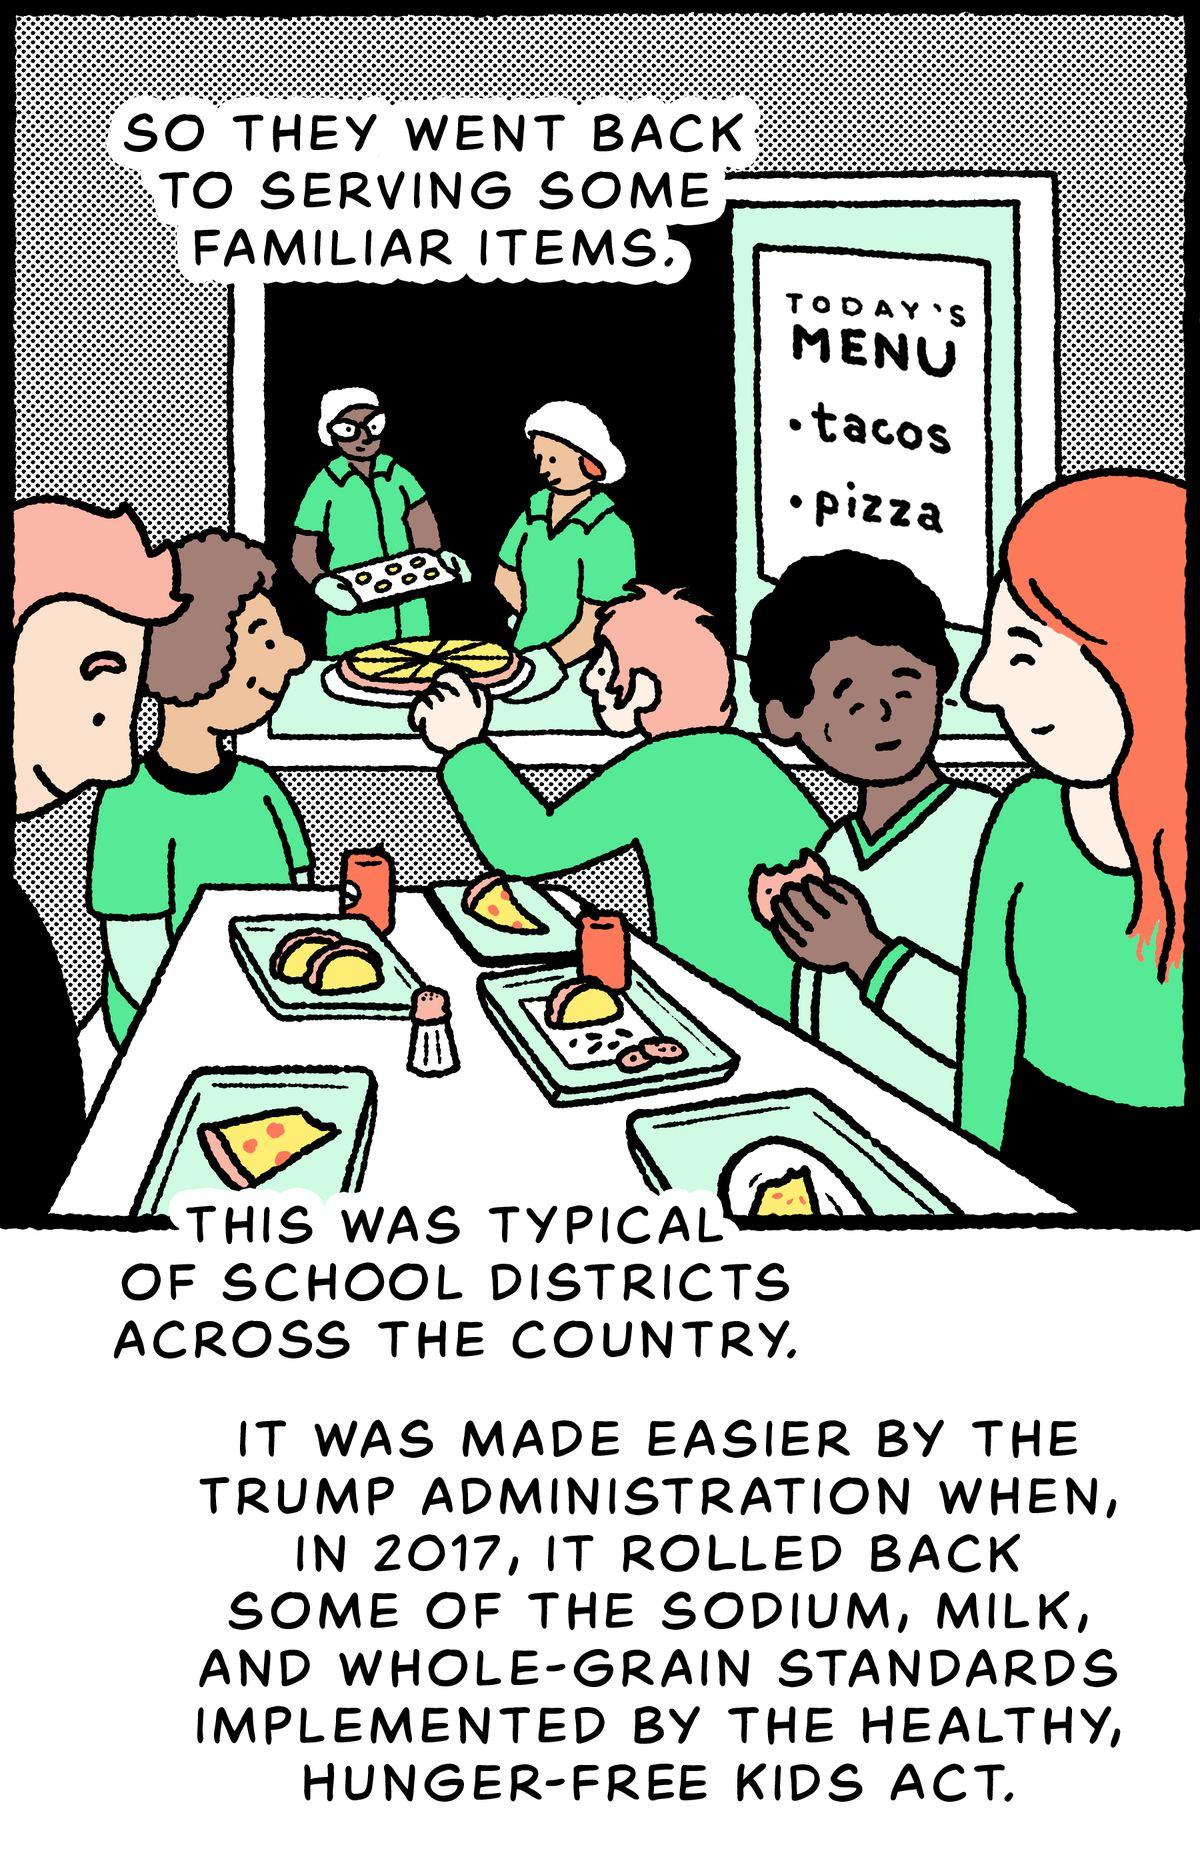 Étudiants mangeant des tacos et des pizzas: ils se sont donc remis à servir des plats familiers.  Cela était typique des districts scolaires du pays et a été facilité par l'administration Trump lorsque, en 2017, elle a annulé certaines des normes relatives au sodium, au lait et aux grains entiers mises en œuvre par la Healthy, Hunger-Free Kids Act.